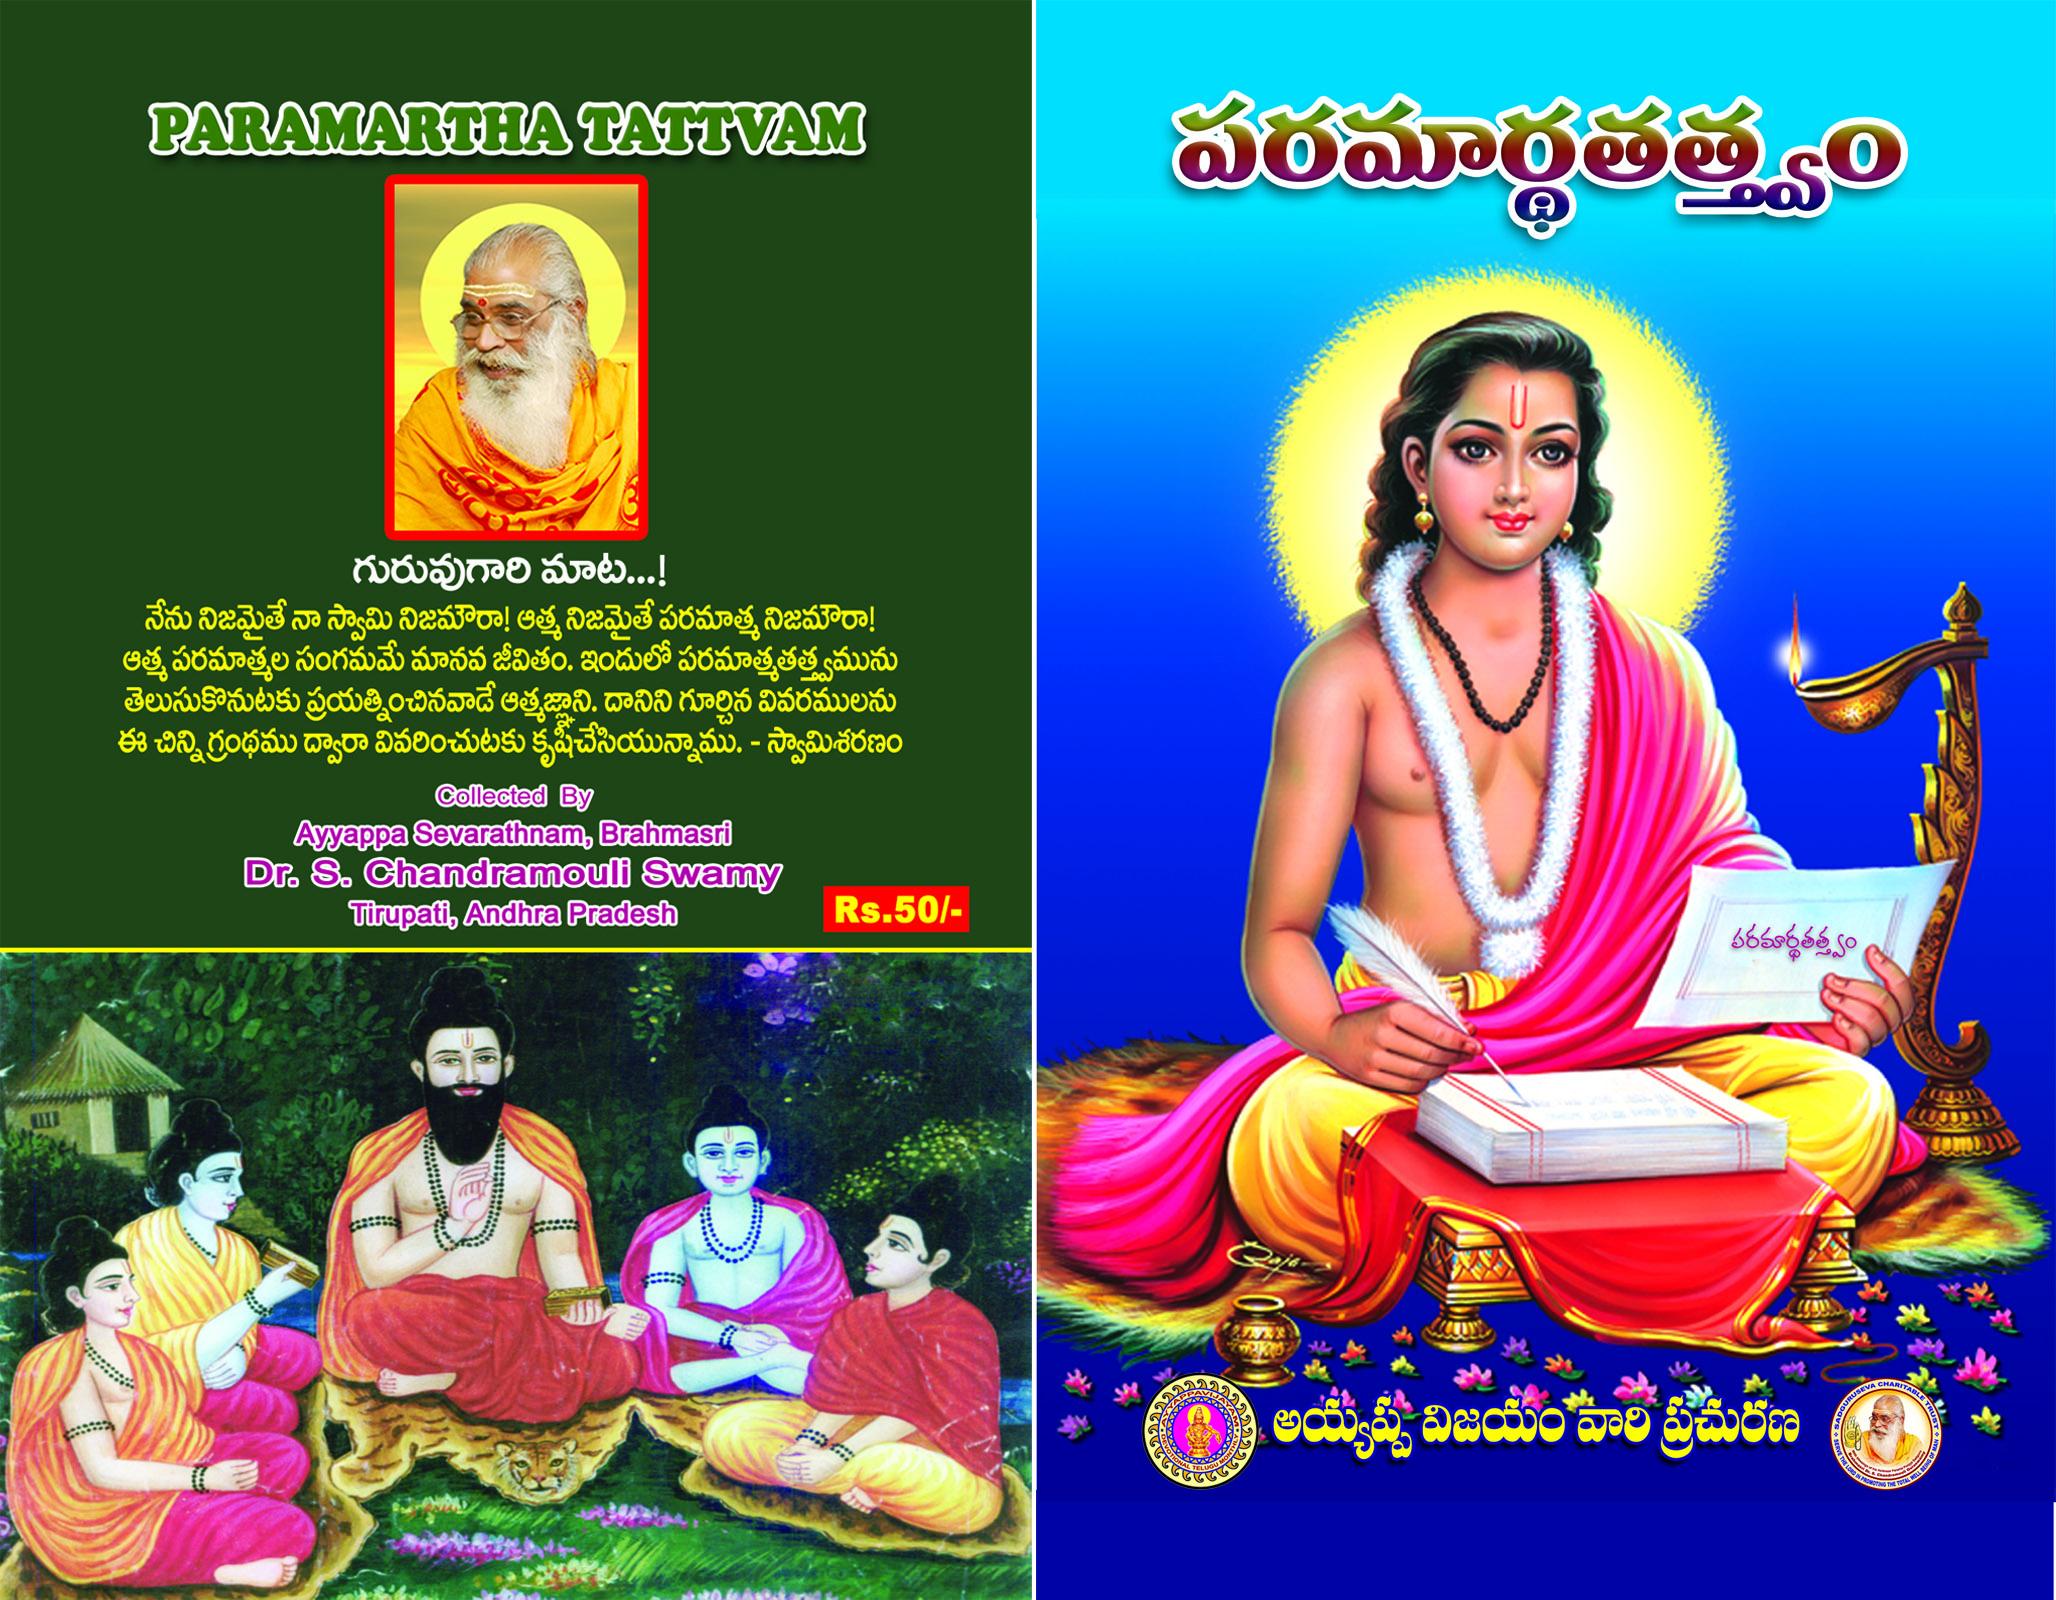 paramartha tattvam